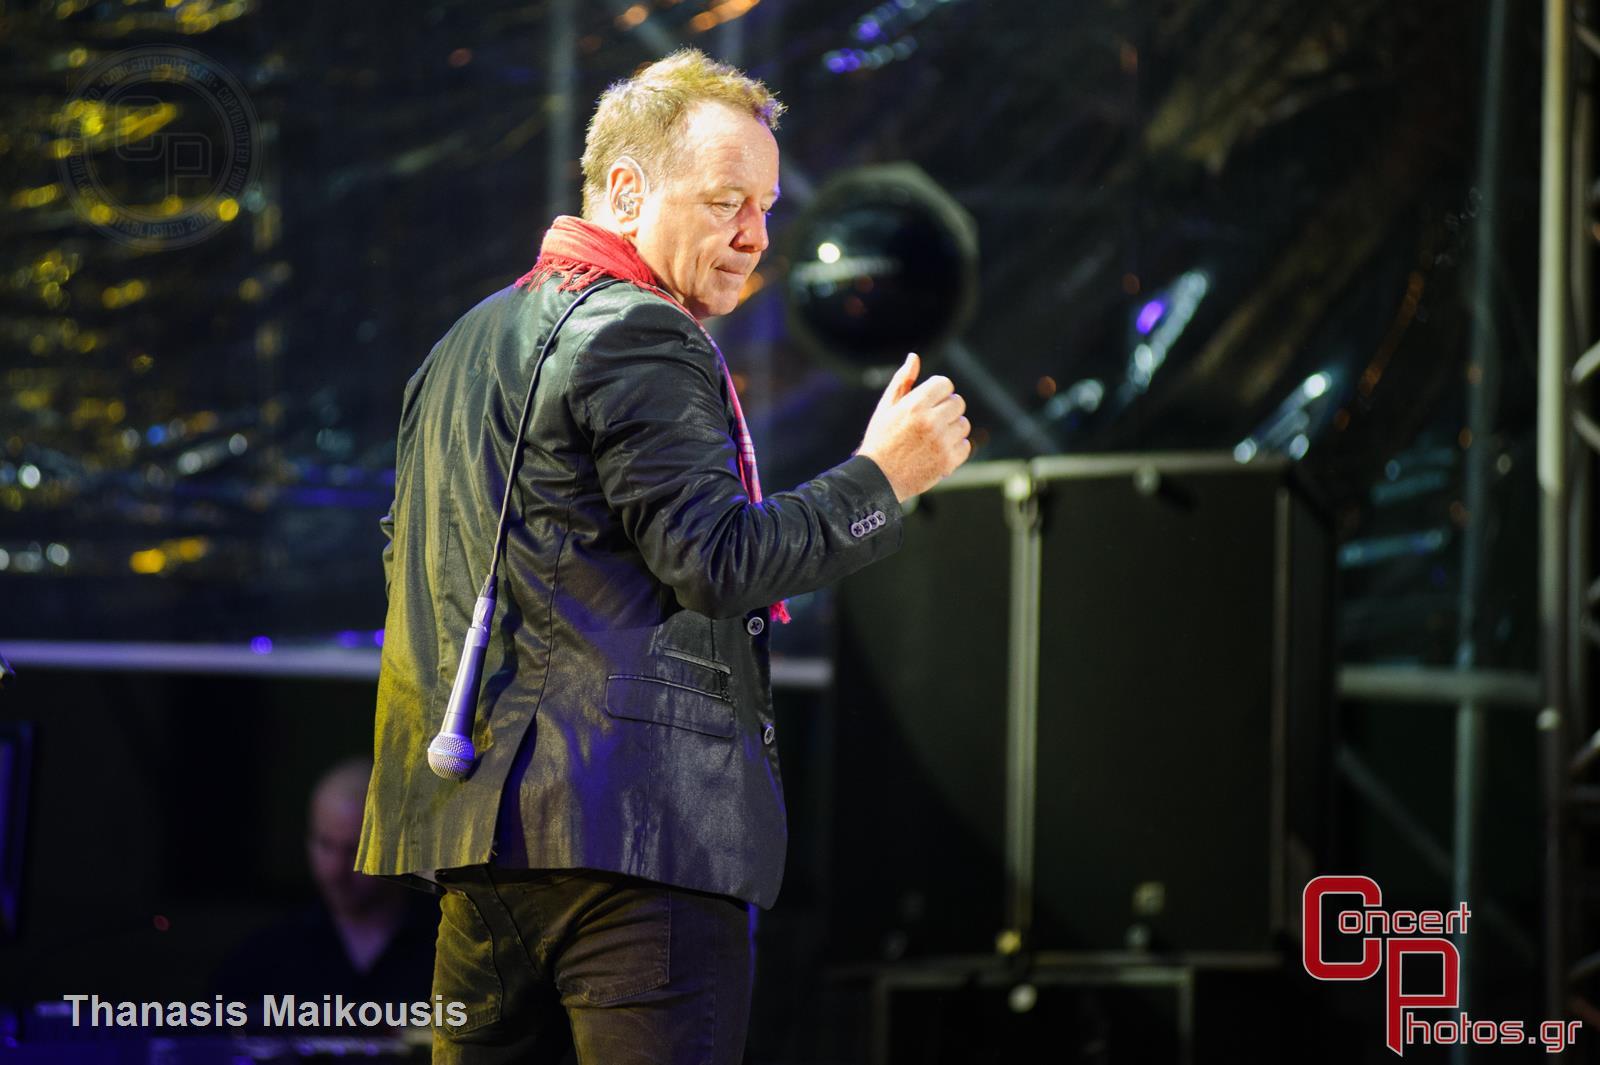 En Lefko 2014-En Lefko 2014 photographer: Thanasis Maikousis - concertphotos_20140621_00_09_26